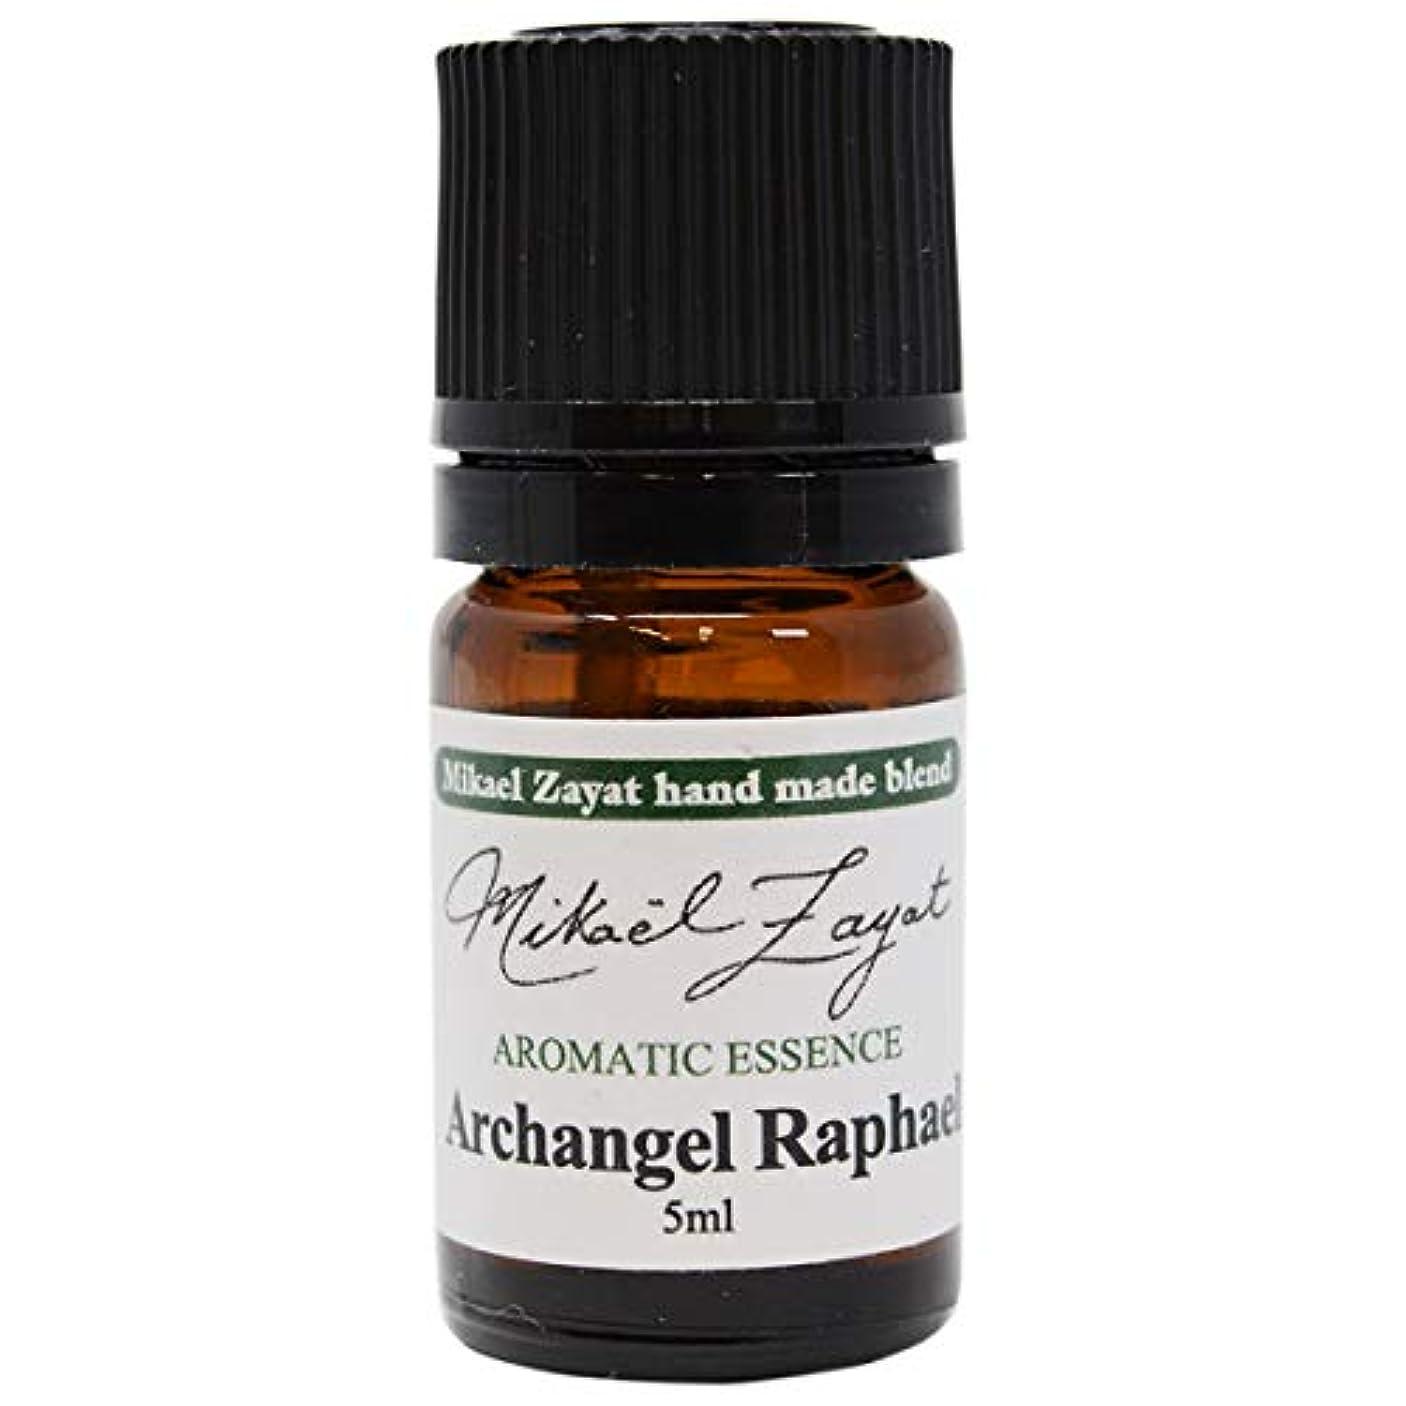 スラダムカウンターパート農民ミカエルザヤット 大天使ラファエル ArchAngel Raphael 5ml Mikael Zayat hand made blend